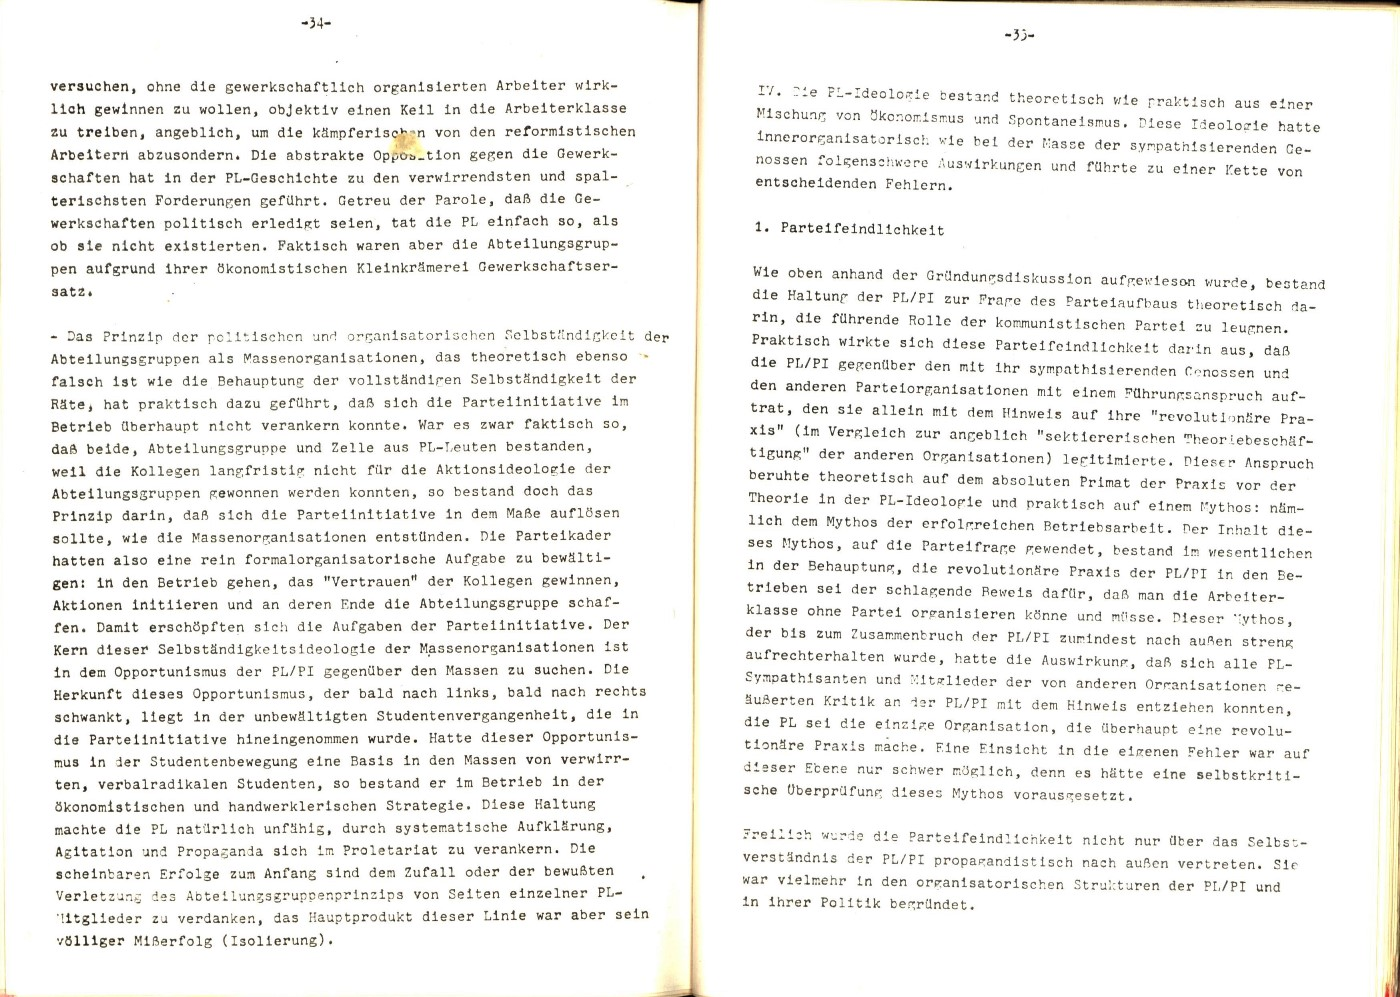 PLPI_1971_Aufloesung_20